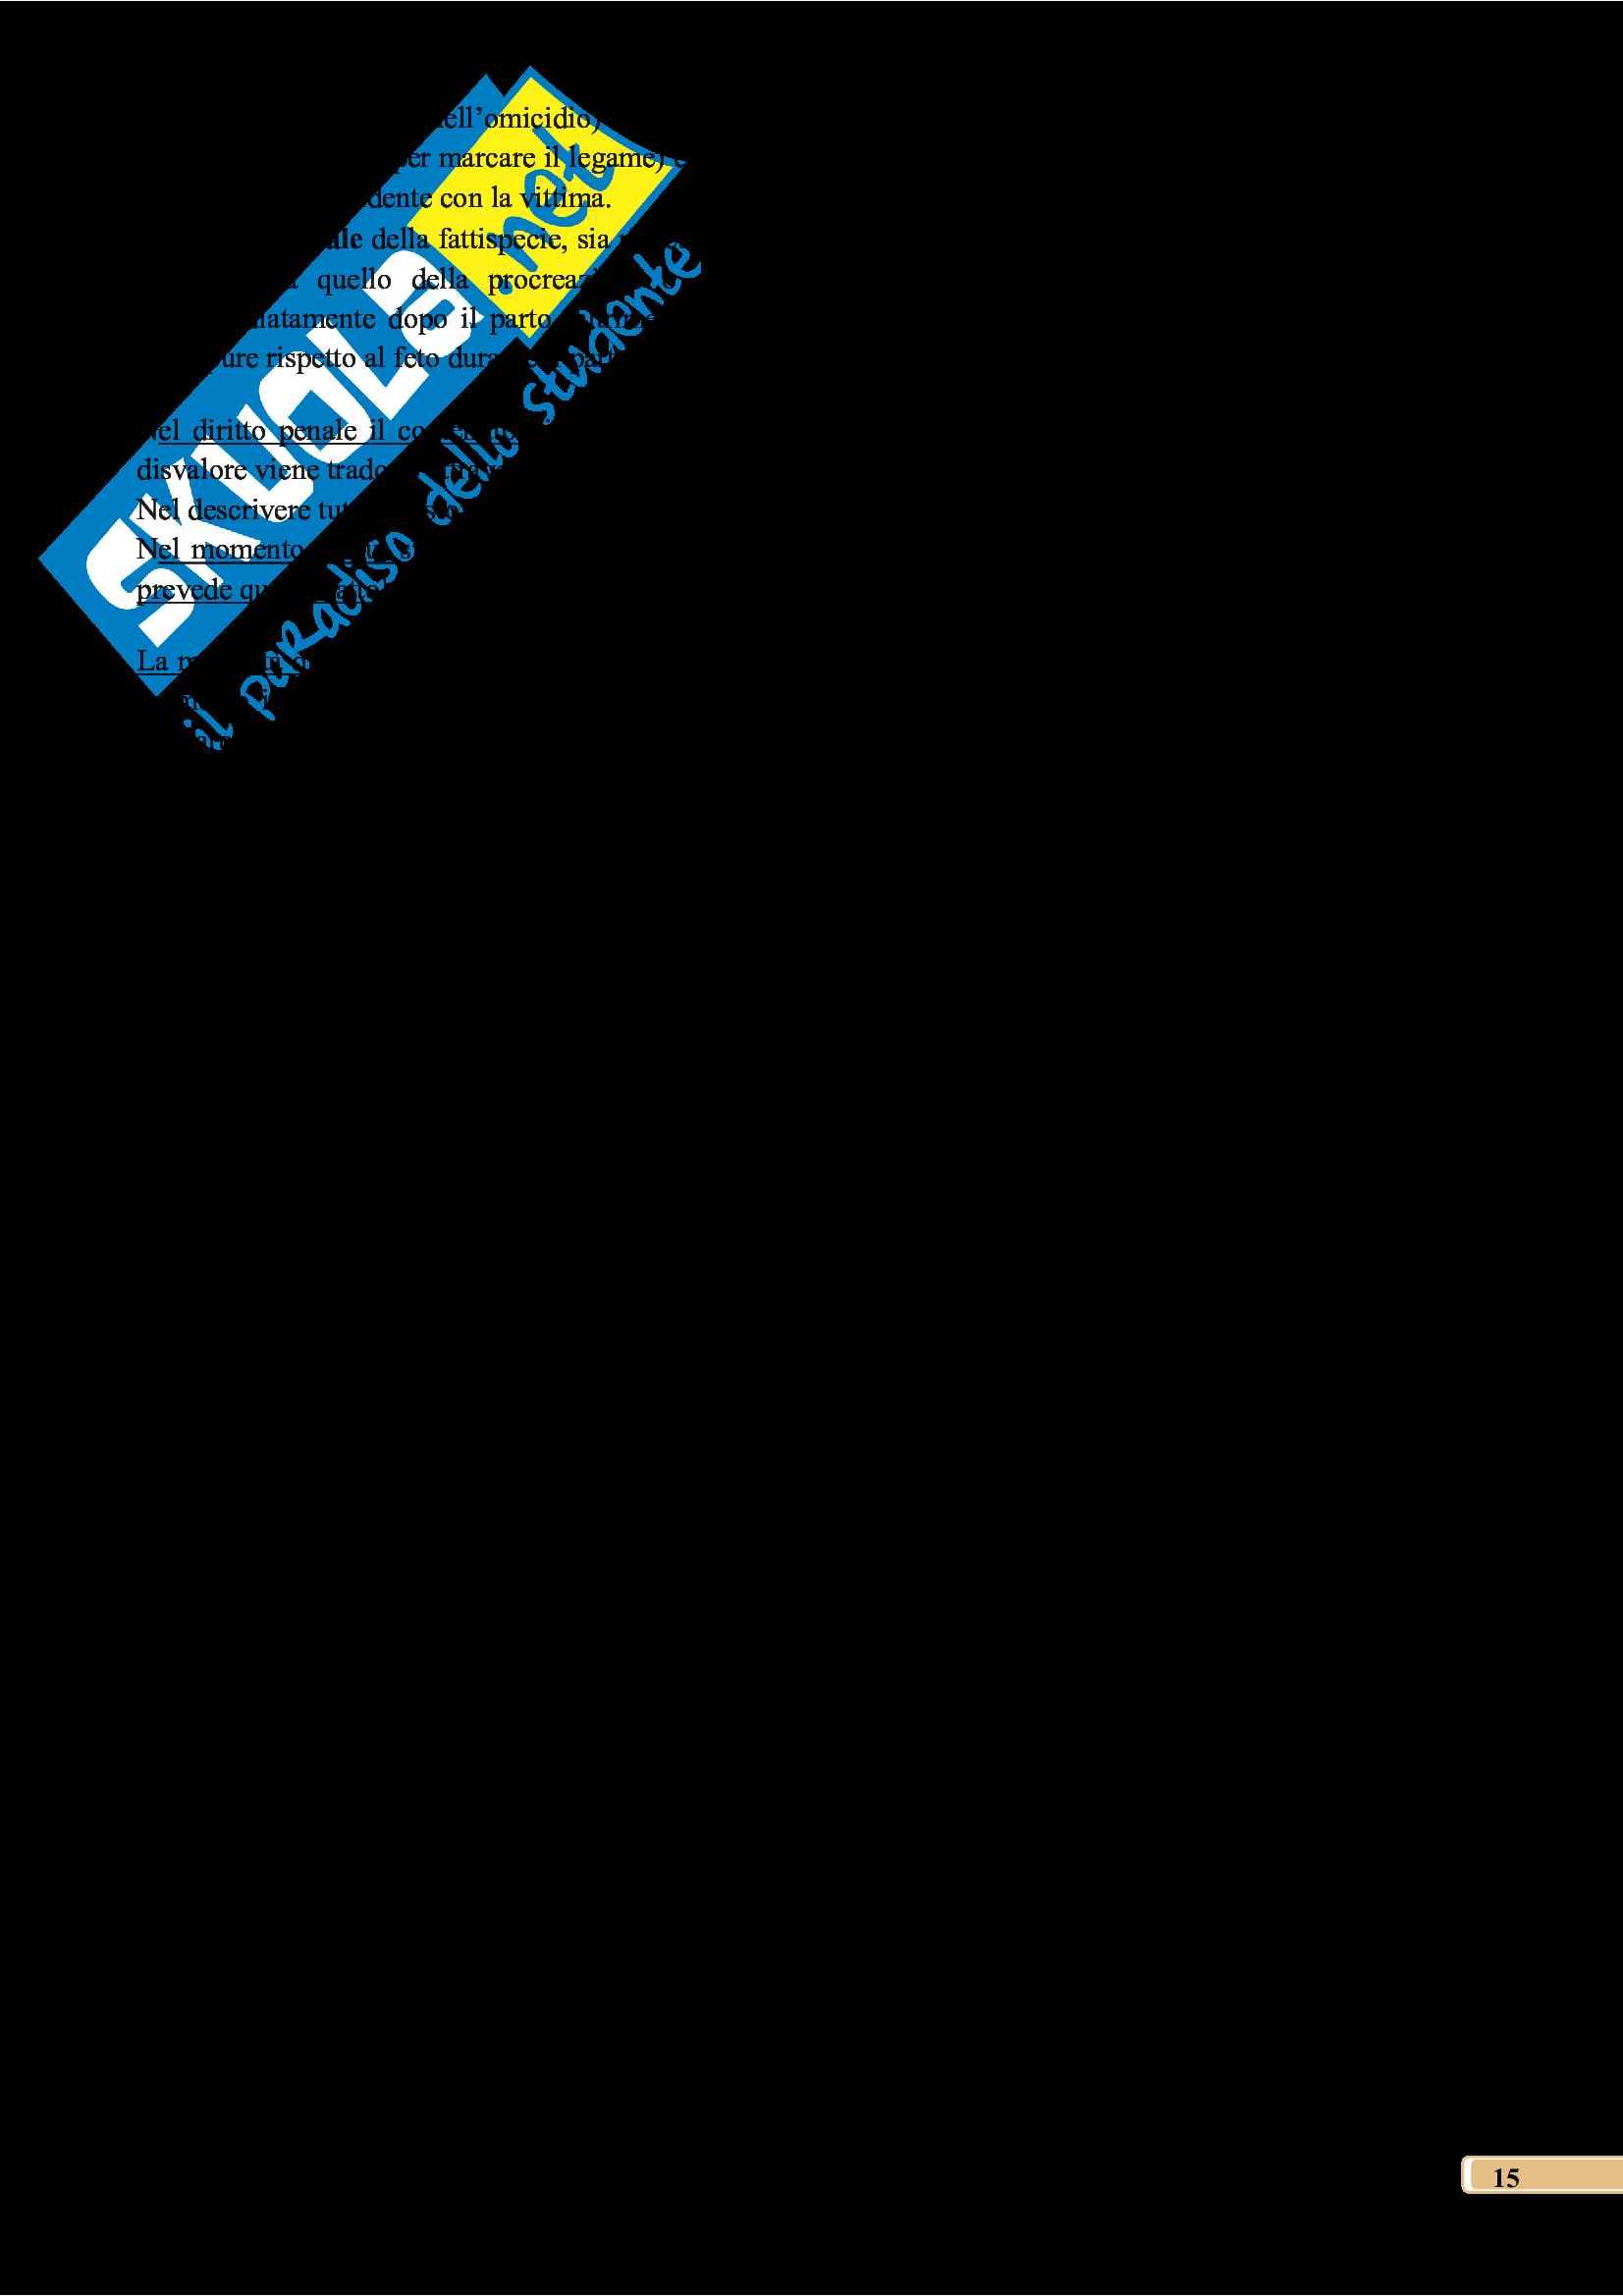 Riassunto esame di diritto penale, docente Bartoli, libro consigliato Corso di diritto penale, Parte Generale, Sesta edizione, Palazzo Pag. 16